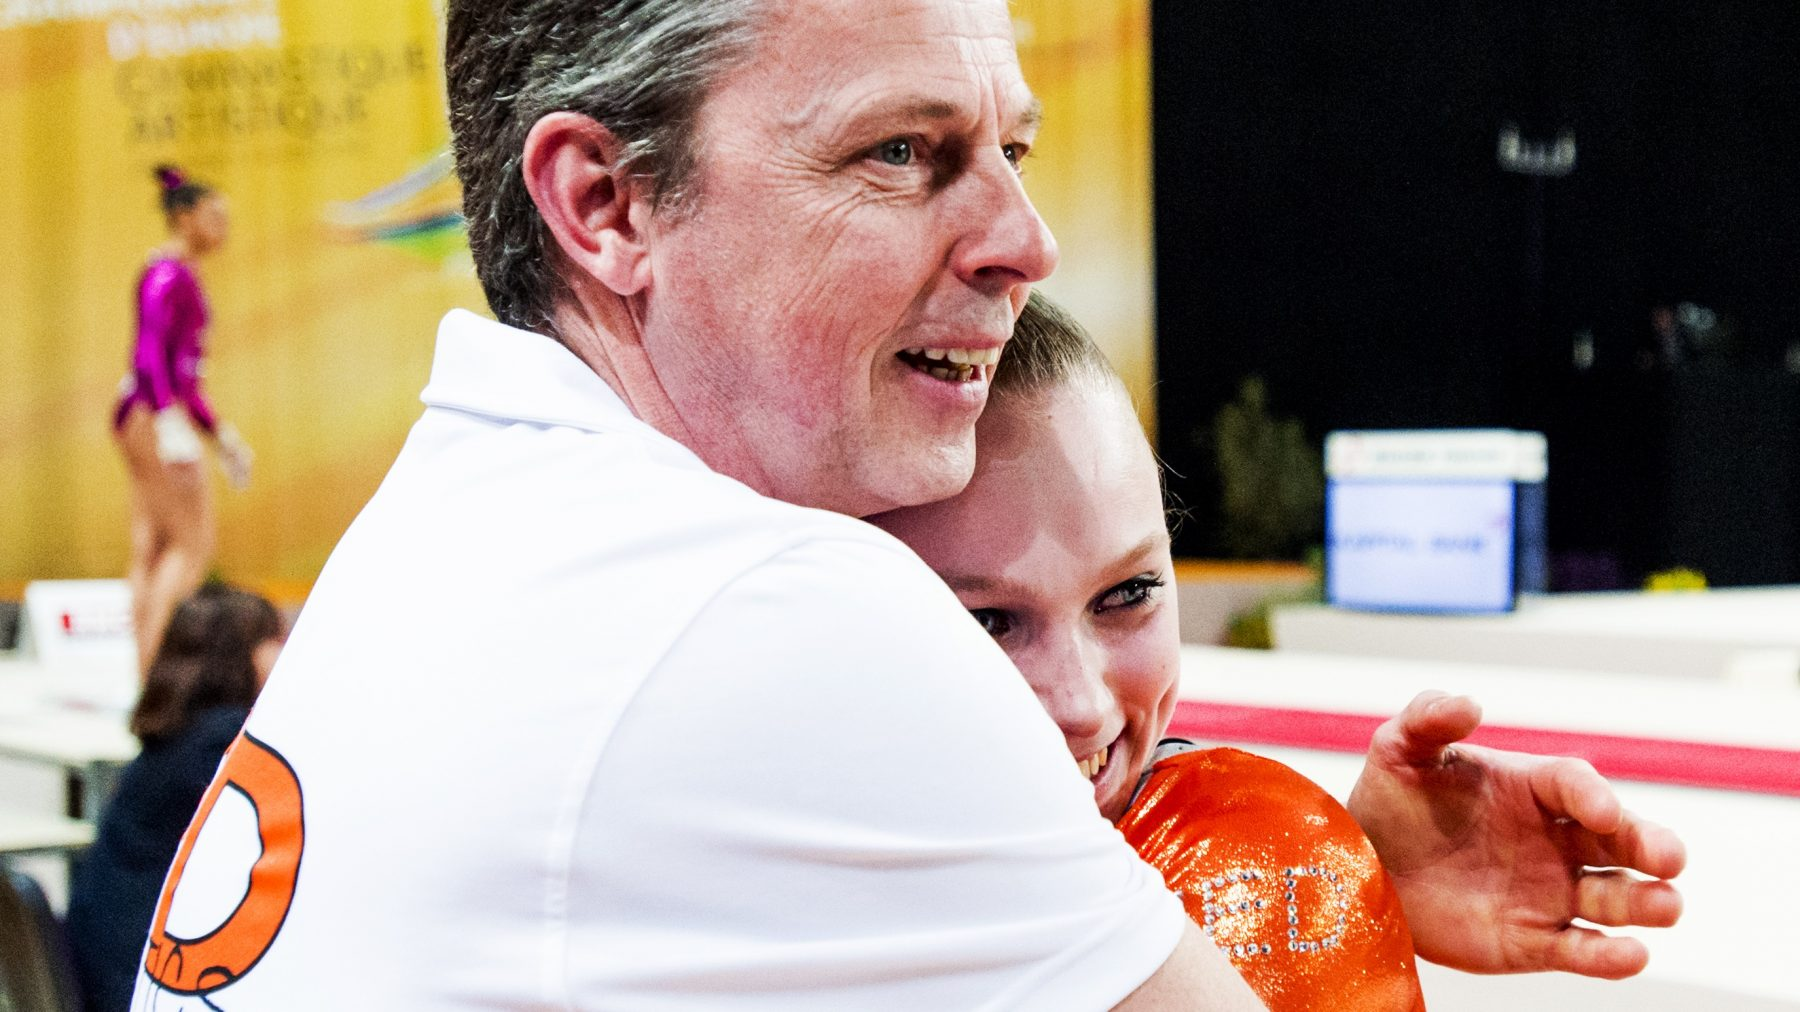 Turntrainer Kooistra treedt terug: 'Het is tijd om dit aan te pakken'